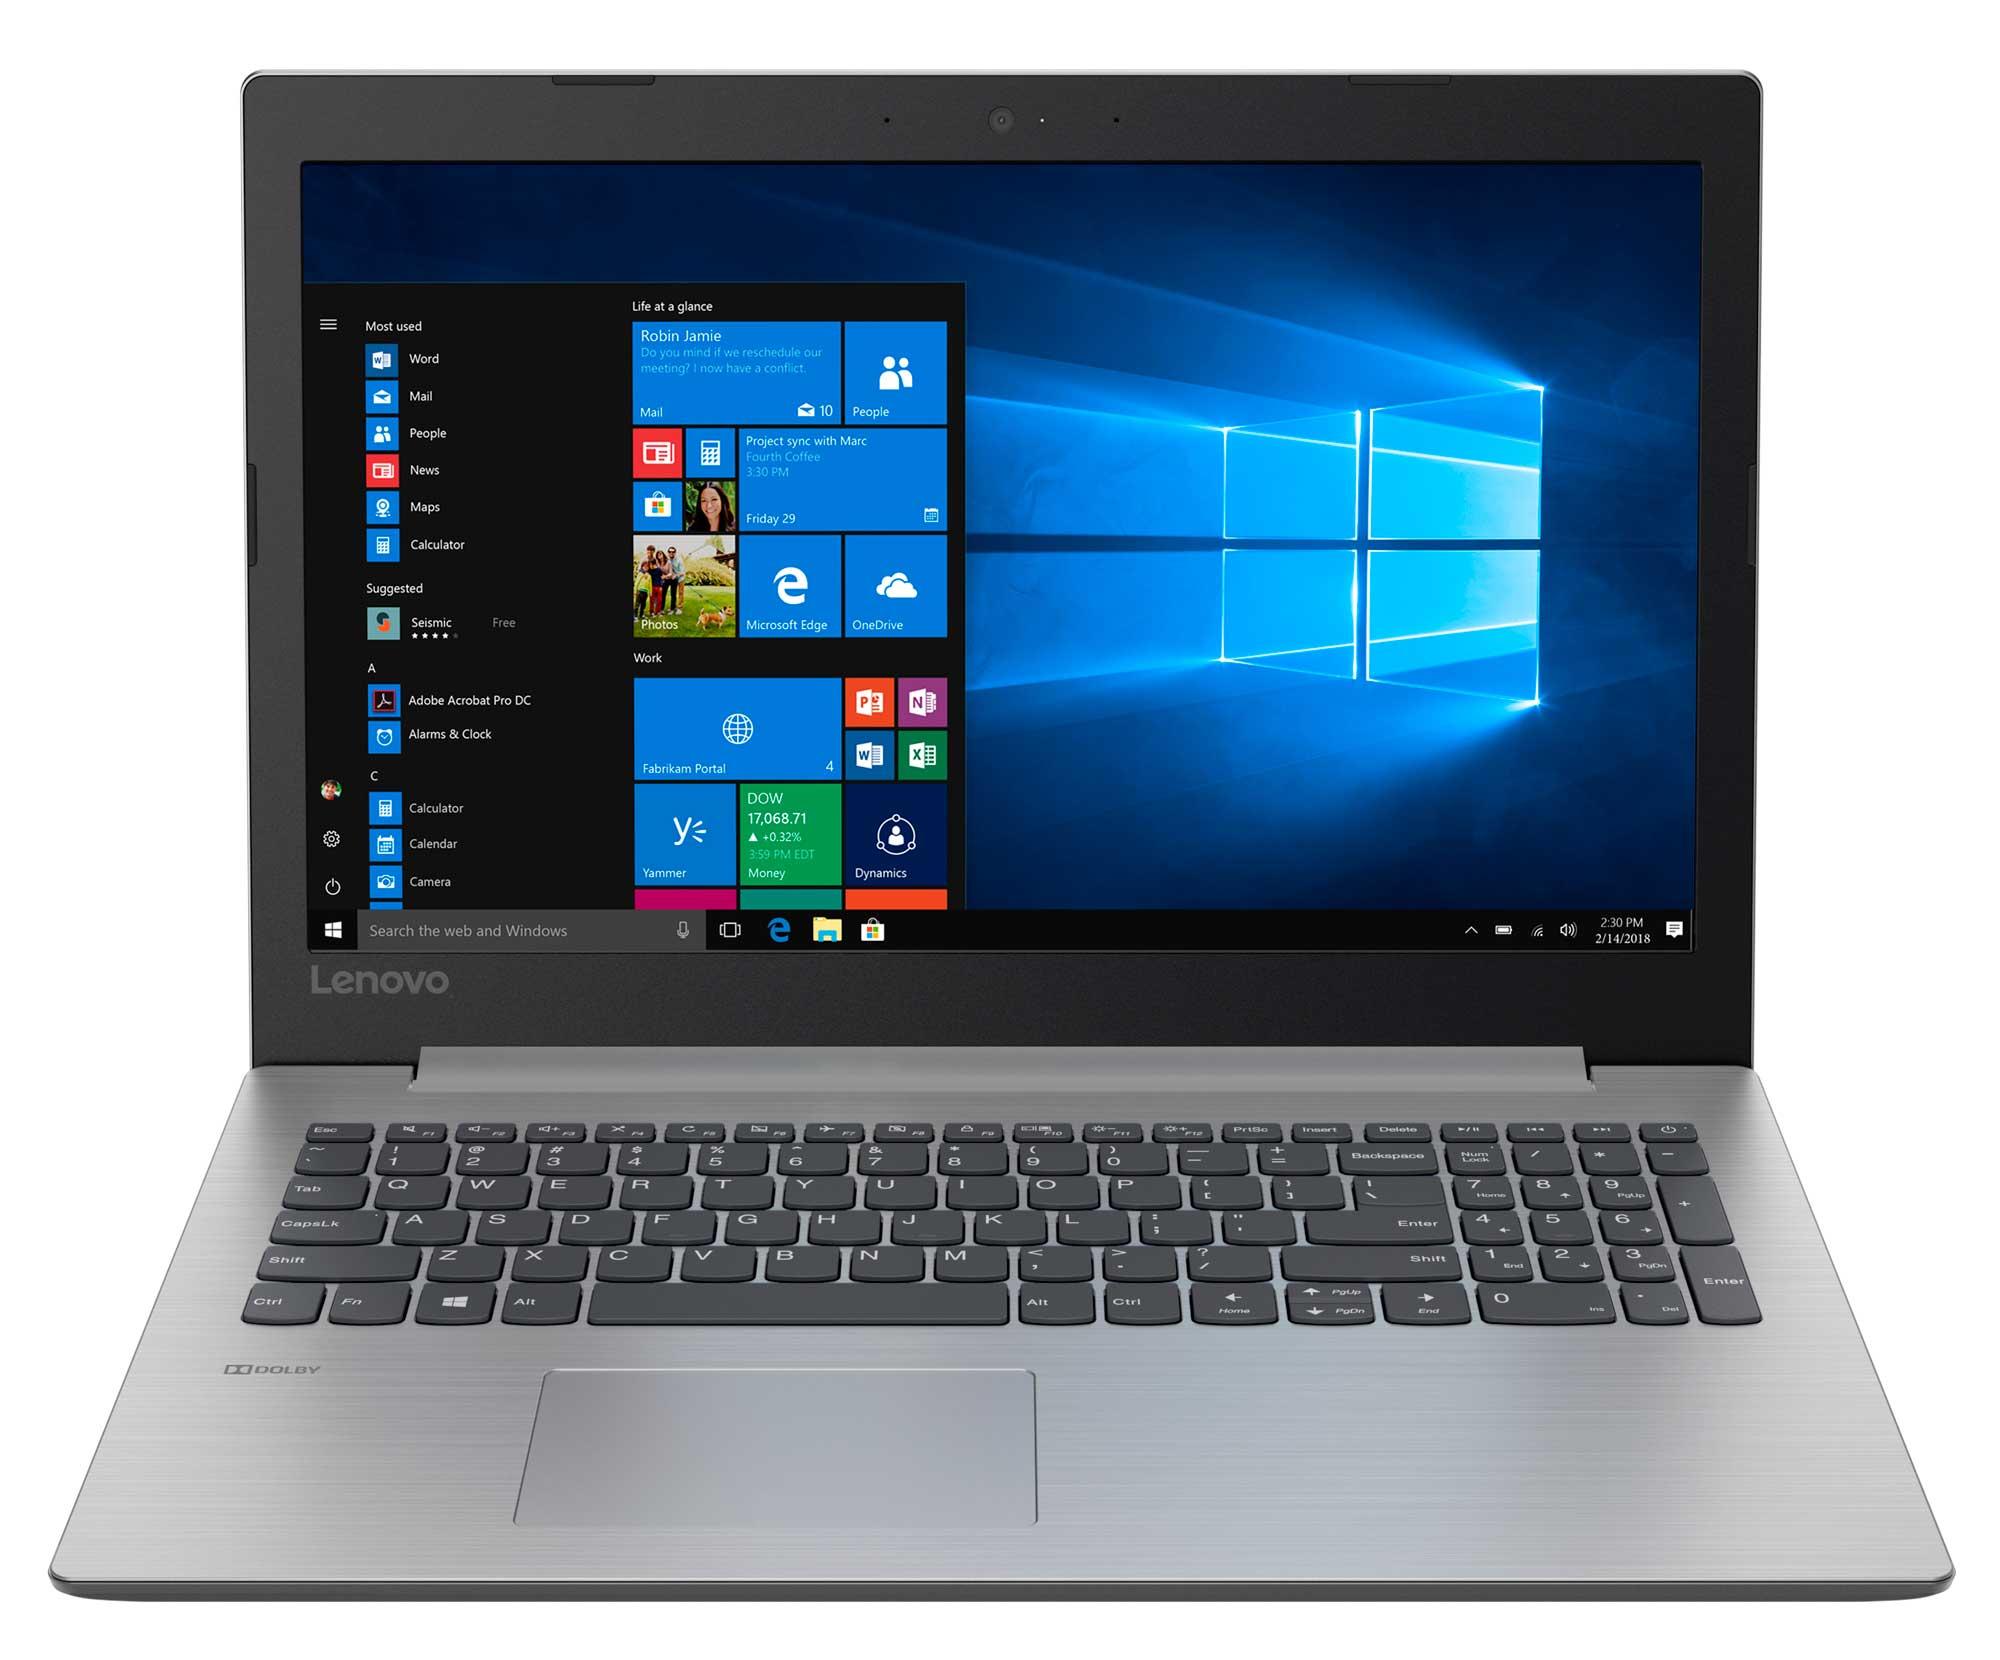 Notebook  Lenovo  Ideapad  Ideapad  330S 15.6 FHD  I7-8550U, 12GB,1TB, GTX 1050 4GB, NO OS, 3 year warranty